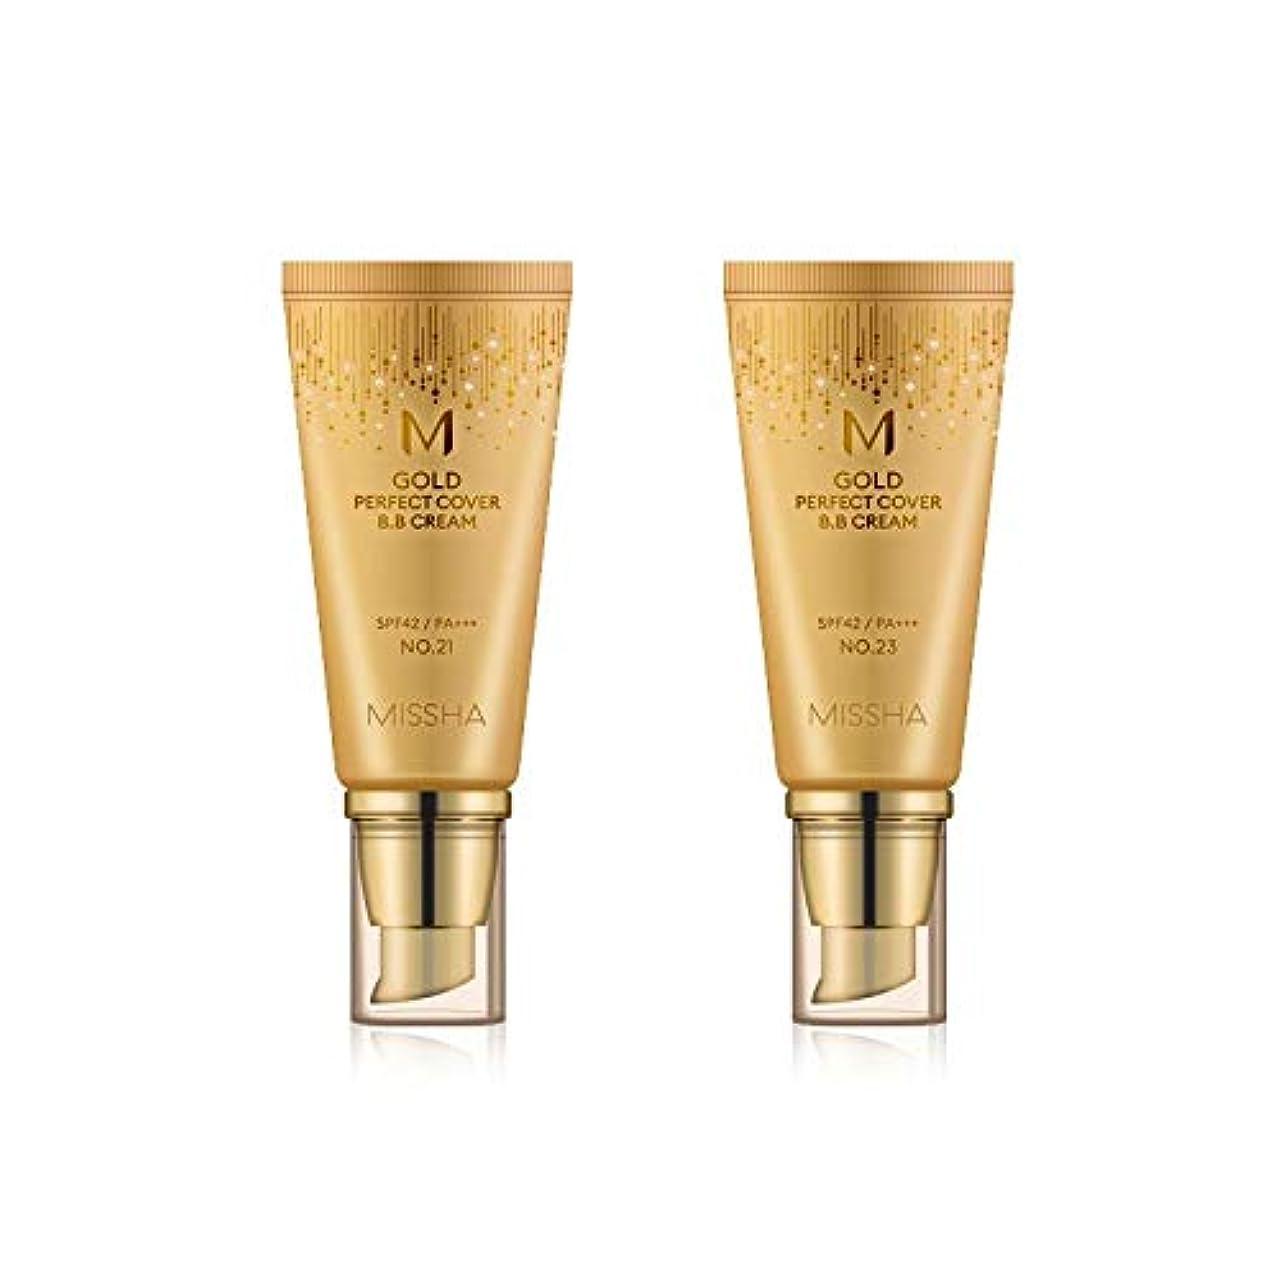 アクセス自明防衛MISSHA Gold Perfecte Cover BB Cream SPF42 PA+++ / ミシャ ゴールド パーフェクト カバー BBクリーム 50ml *NO.23 [並行輸入品]